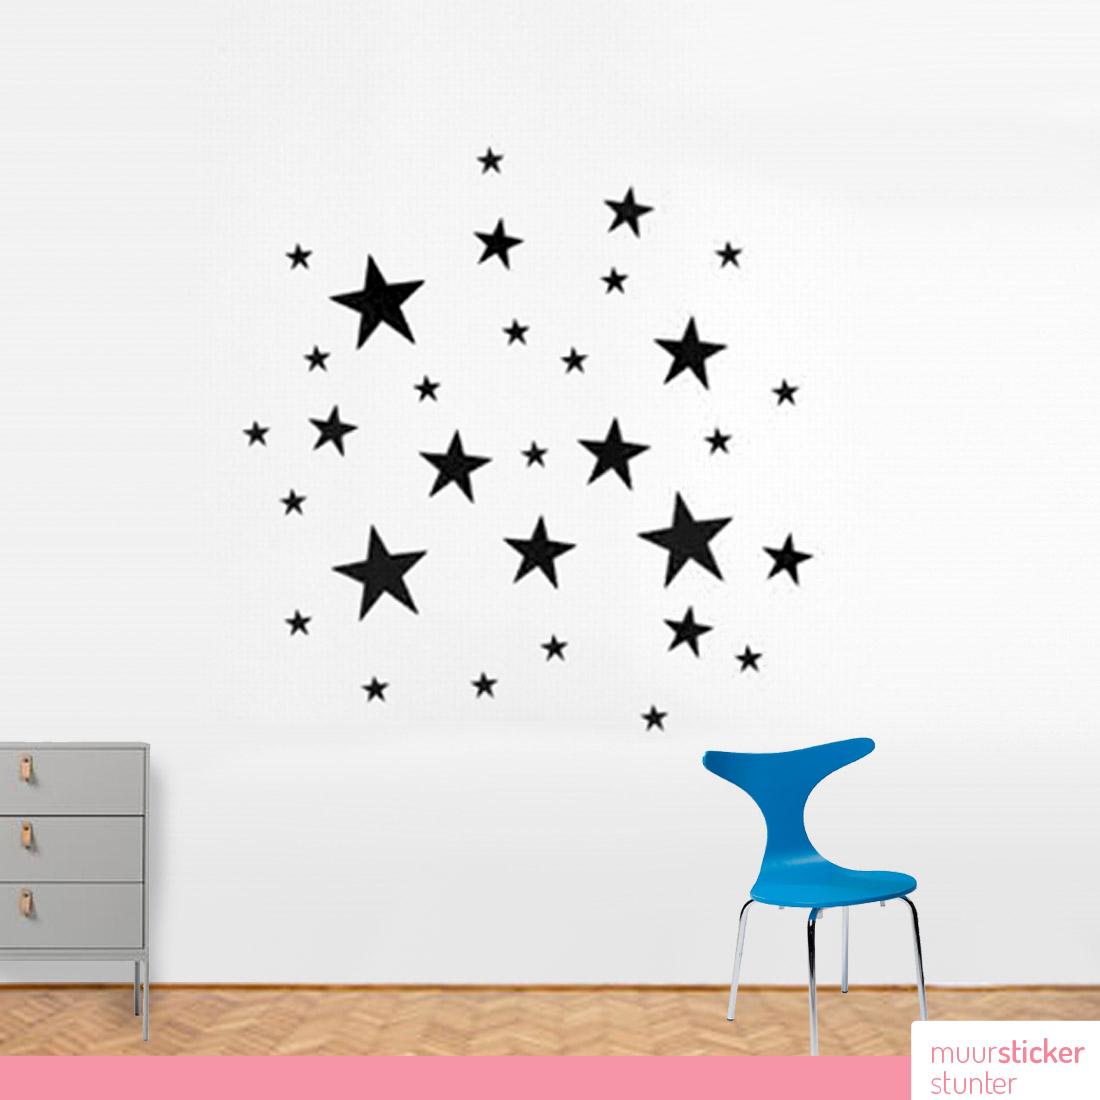 muurstickers sterren - voordelig & kies je eigen kleur!, Deco ideeën